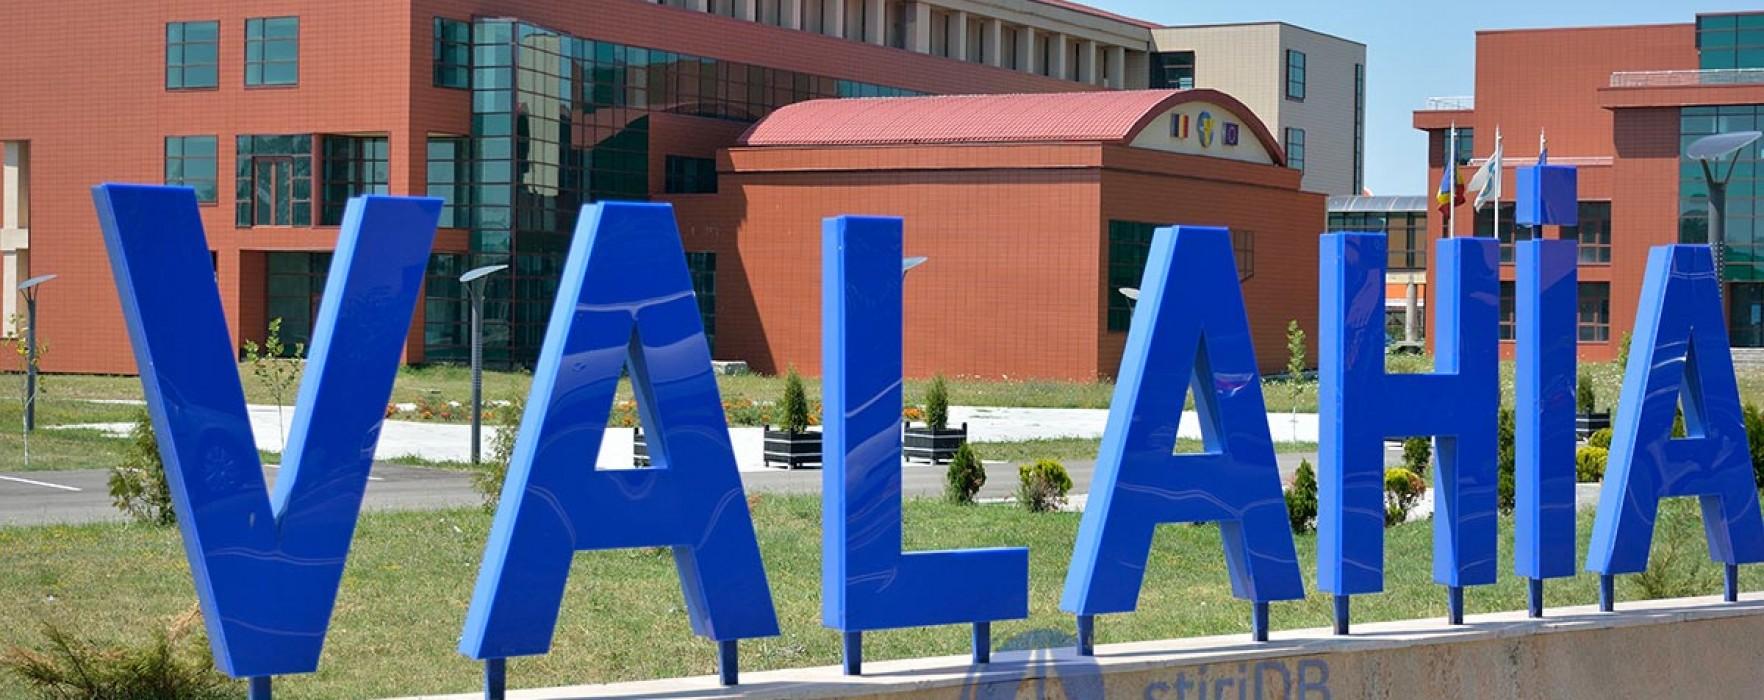 """Universitatea """"Valahia"""" Târgovişte – cea mai bună universitate regională"""